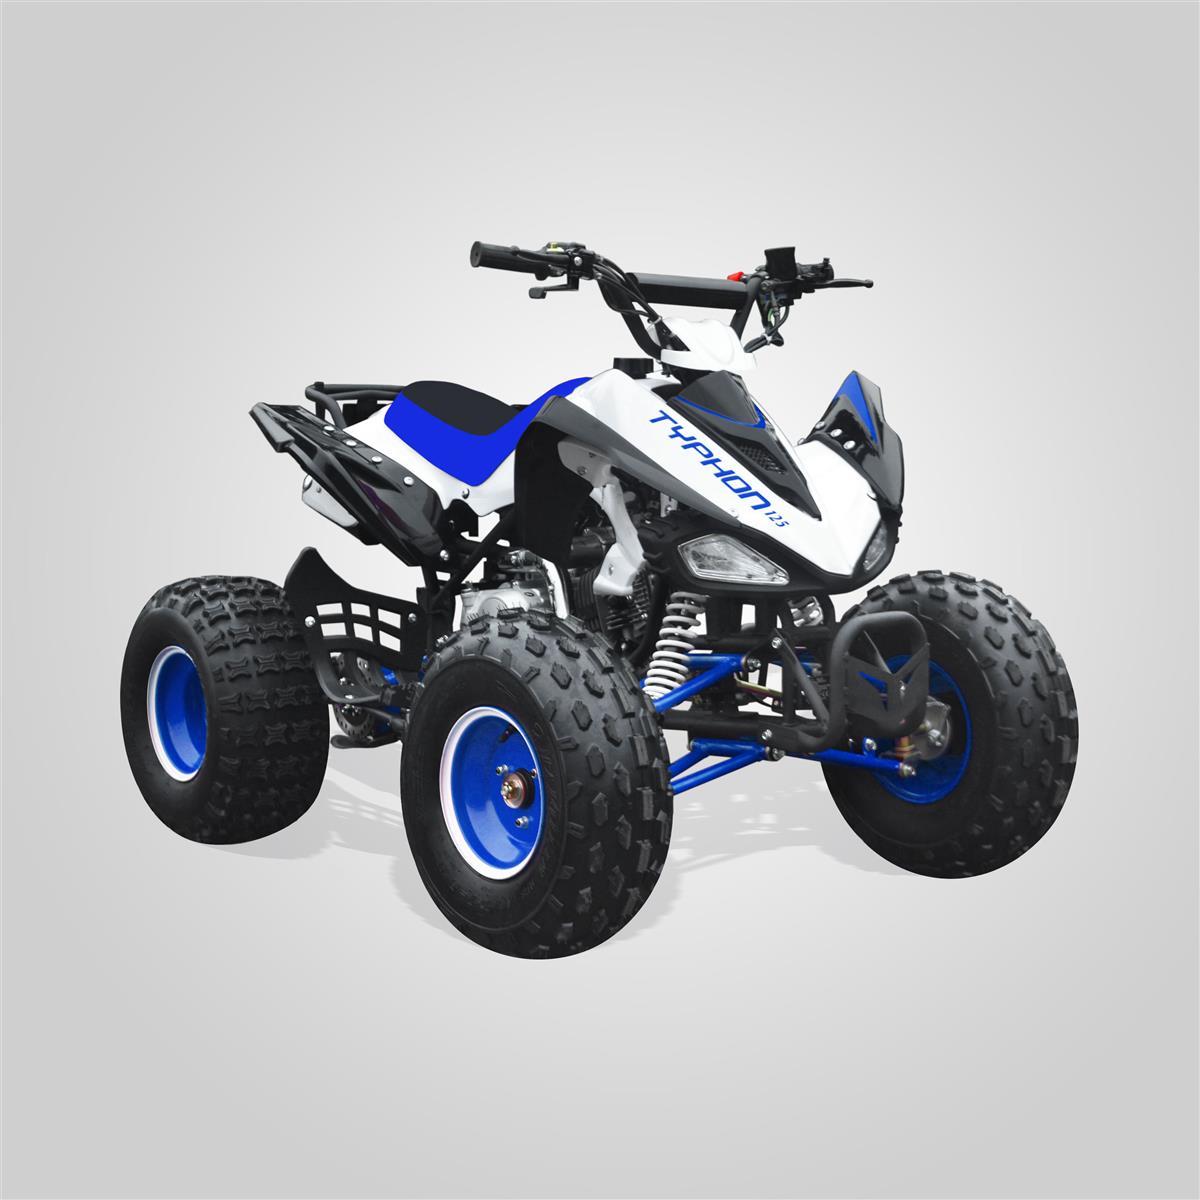 quad enfant typhon 125 bleu smallmx dirt bike pit bike. Black Bedroom Furniture Sets. Home Design Ideas